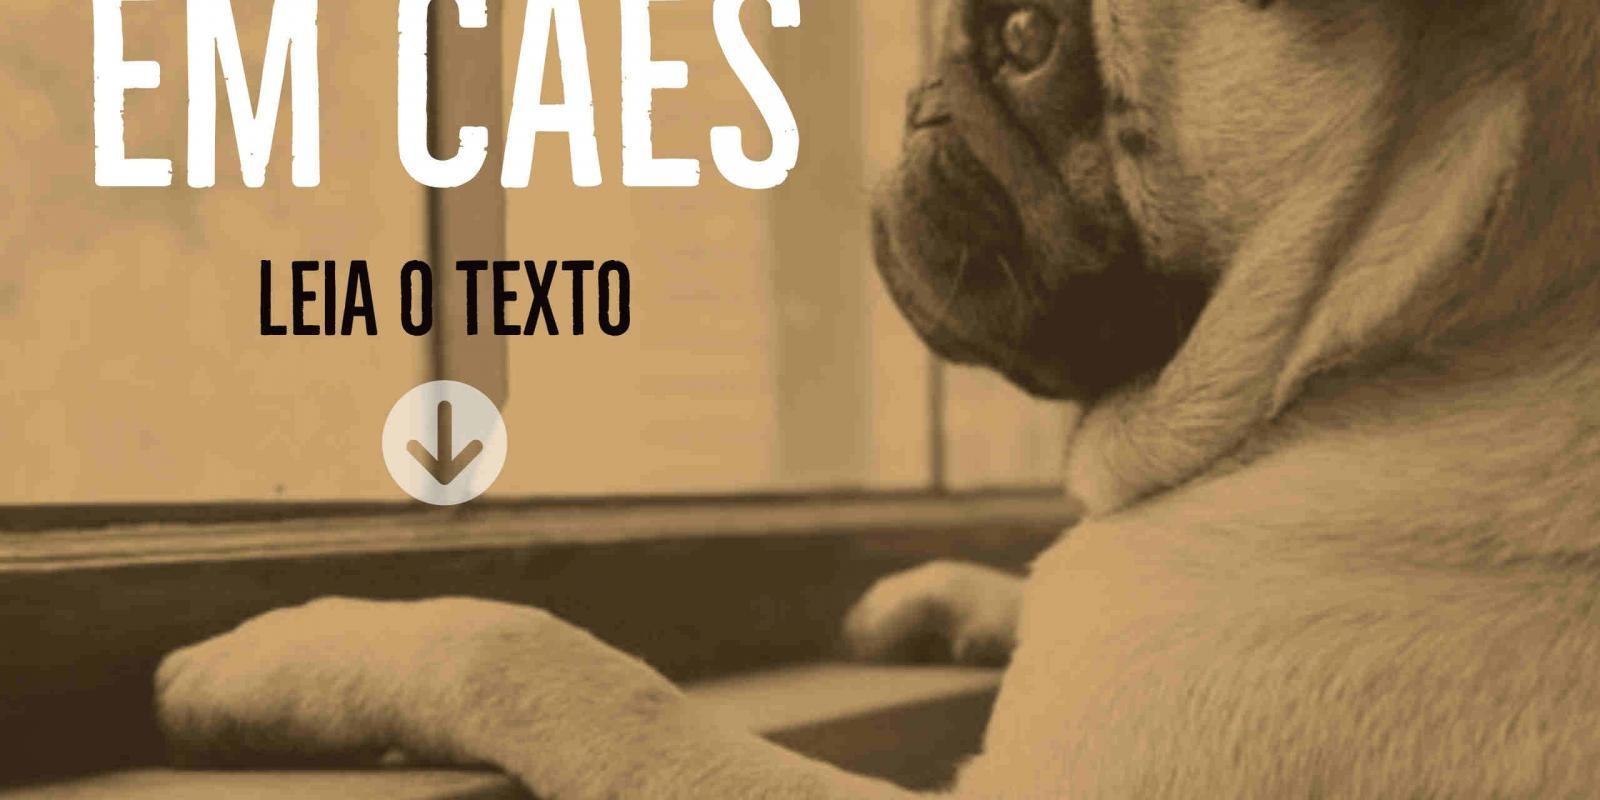 Lambeijos, Carla Ruas - A solidão em cães